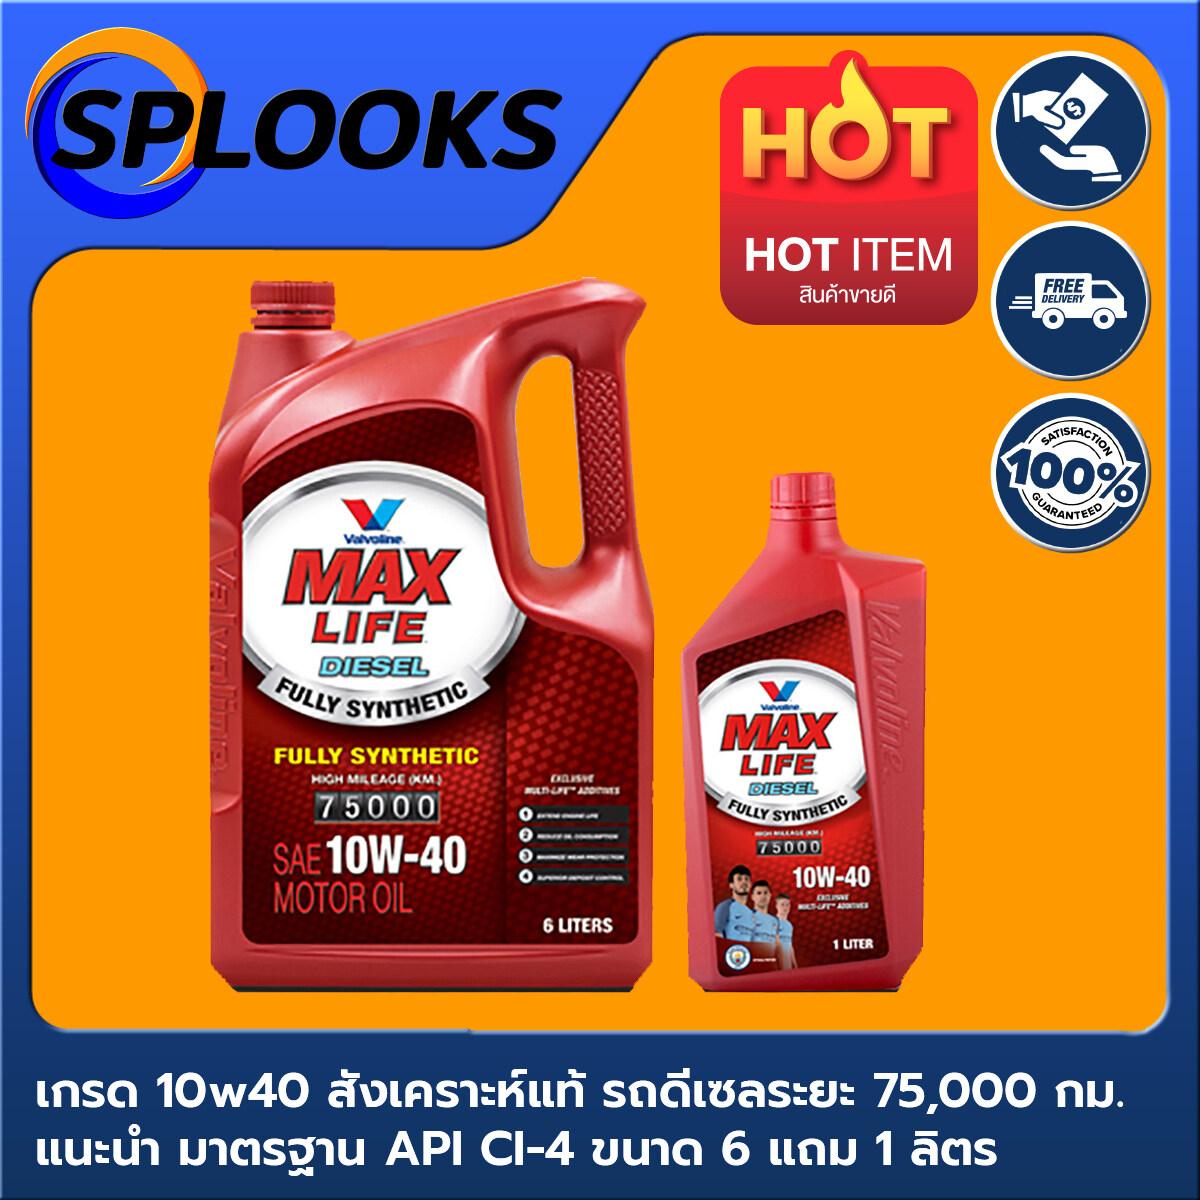 ราคา valvoline วาโวลีน แมกซ์ไลฟ์ ดีเซล 10w-40 สังเคราะห์แท้ 100% vavoline maxlife diesel Fully synthetic 10w40 ขนาด 6 ลิตร แถม 1 ลิตร